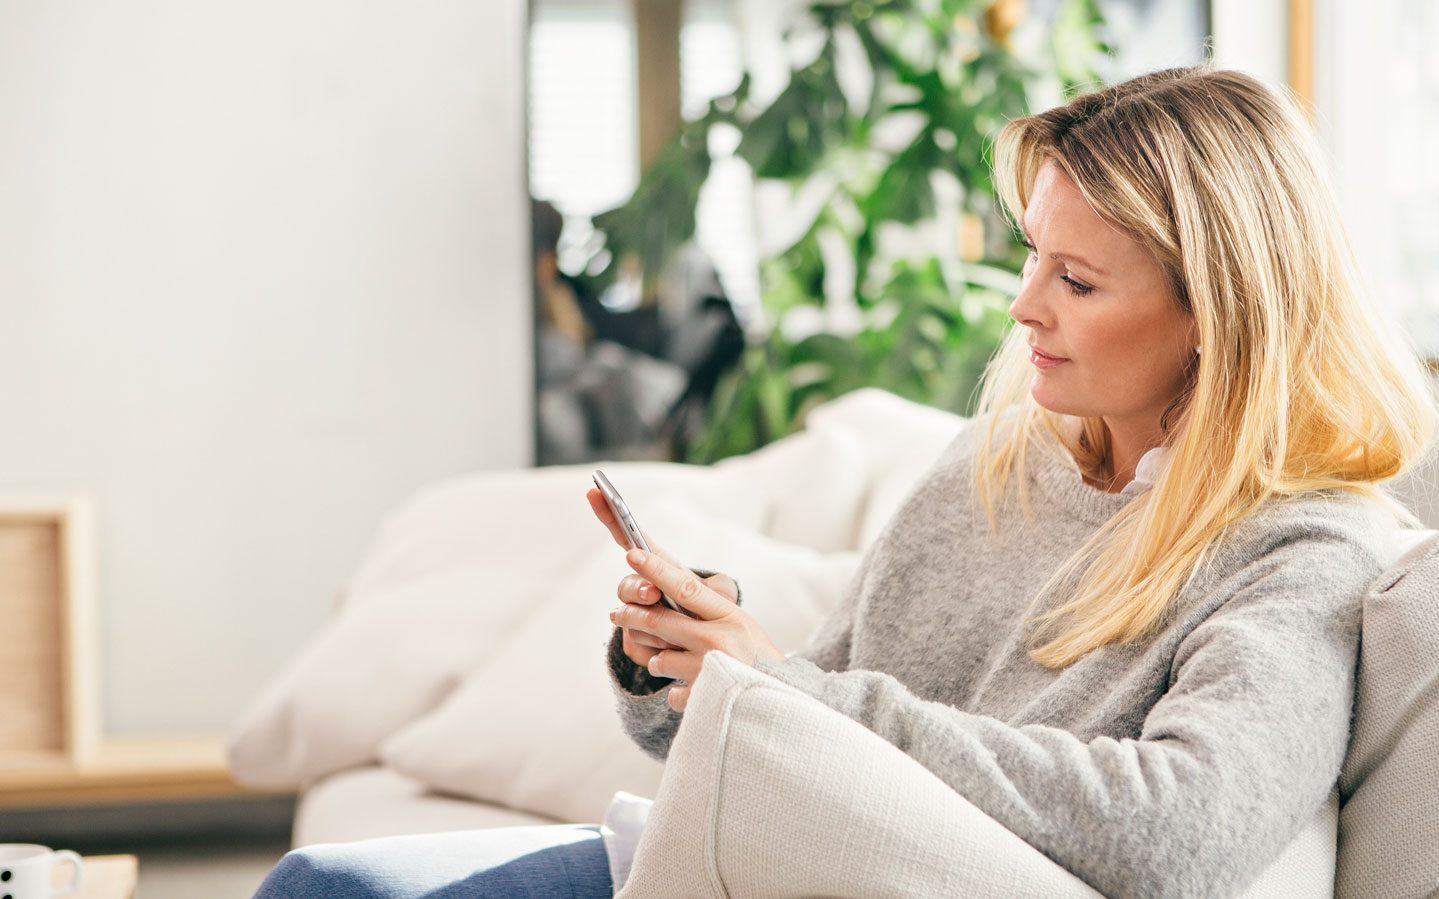 Kvinne leser SMS på mobilen hjemme i sofaen